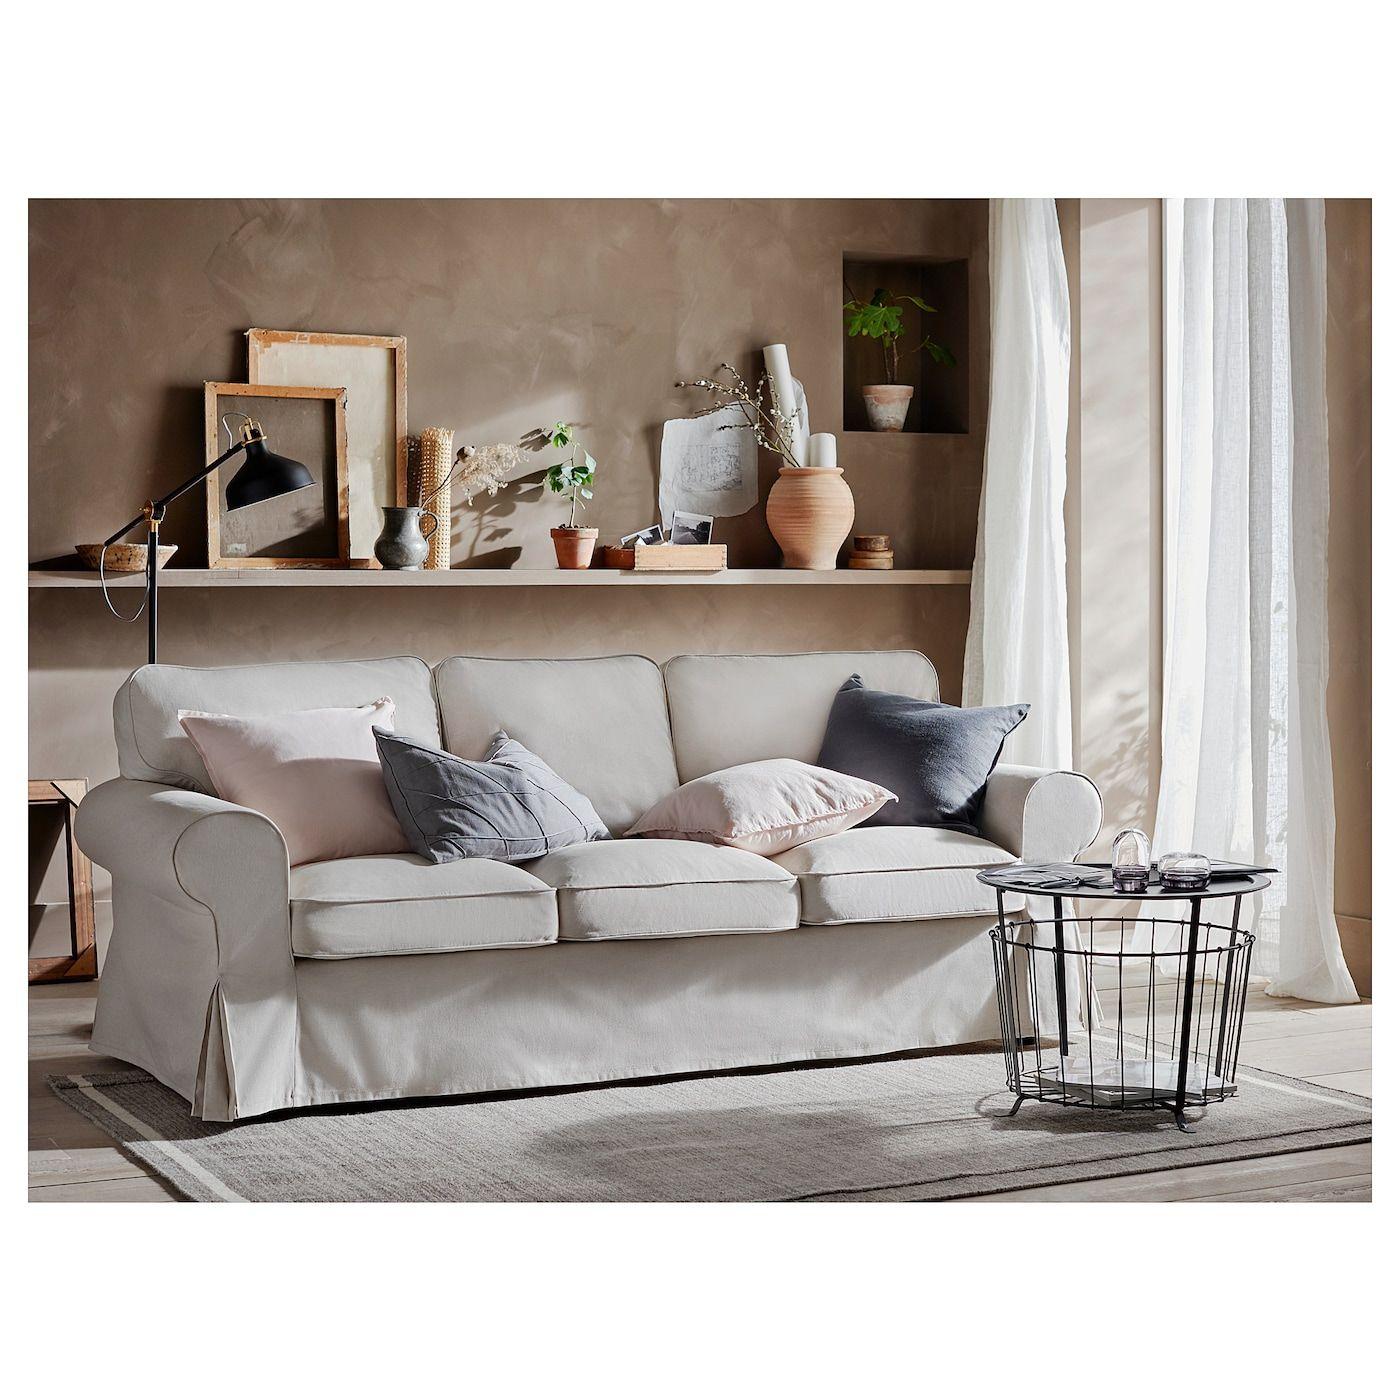 Ikea Ektorp Sofa Lofallet Beige Ektorp Sofa Beige Wohnzimmer 3er Sofa